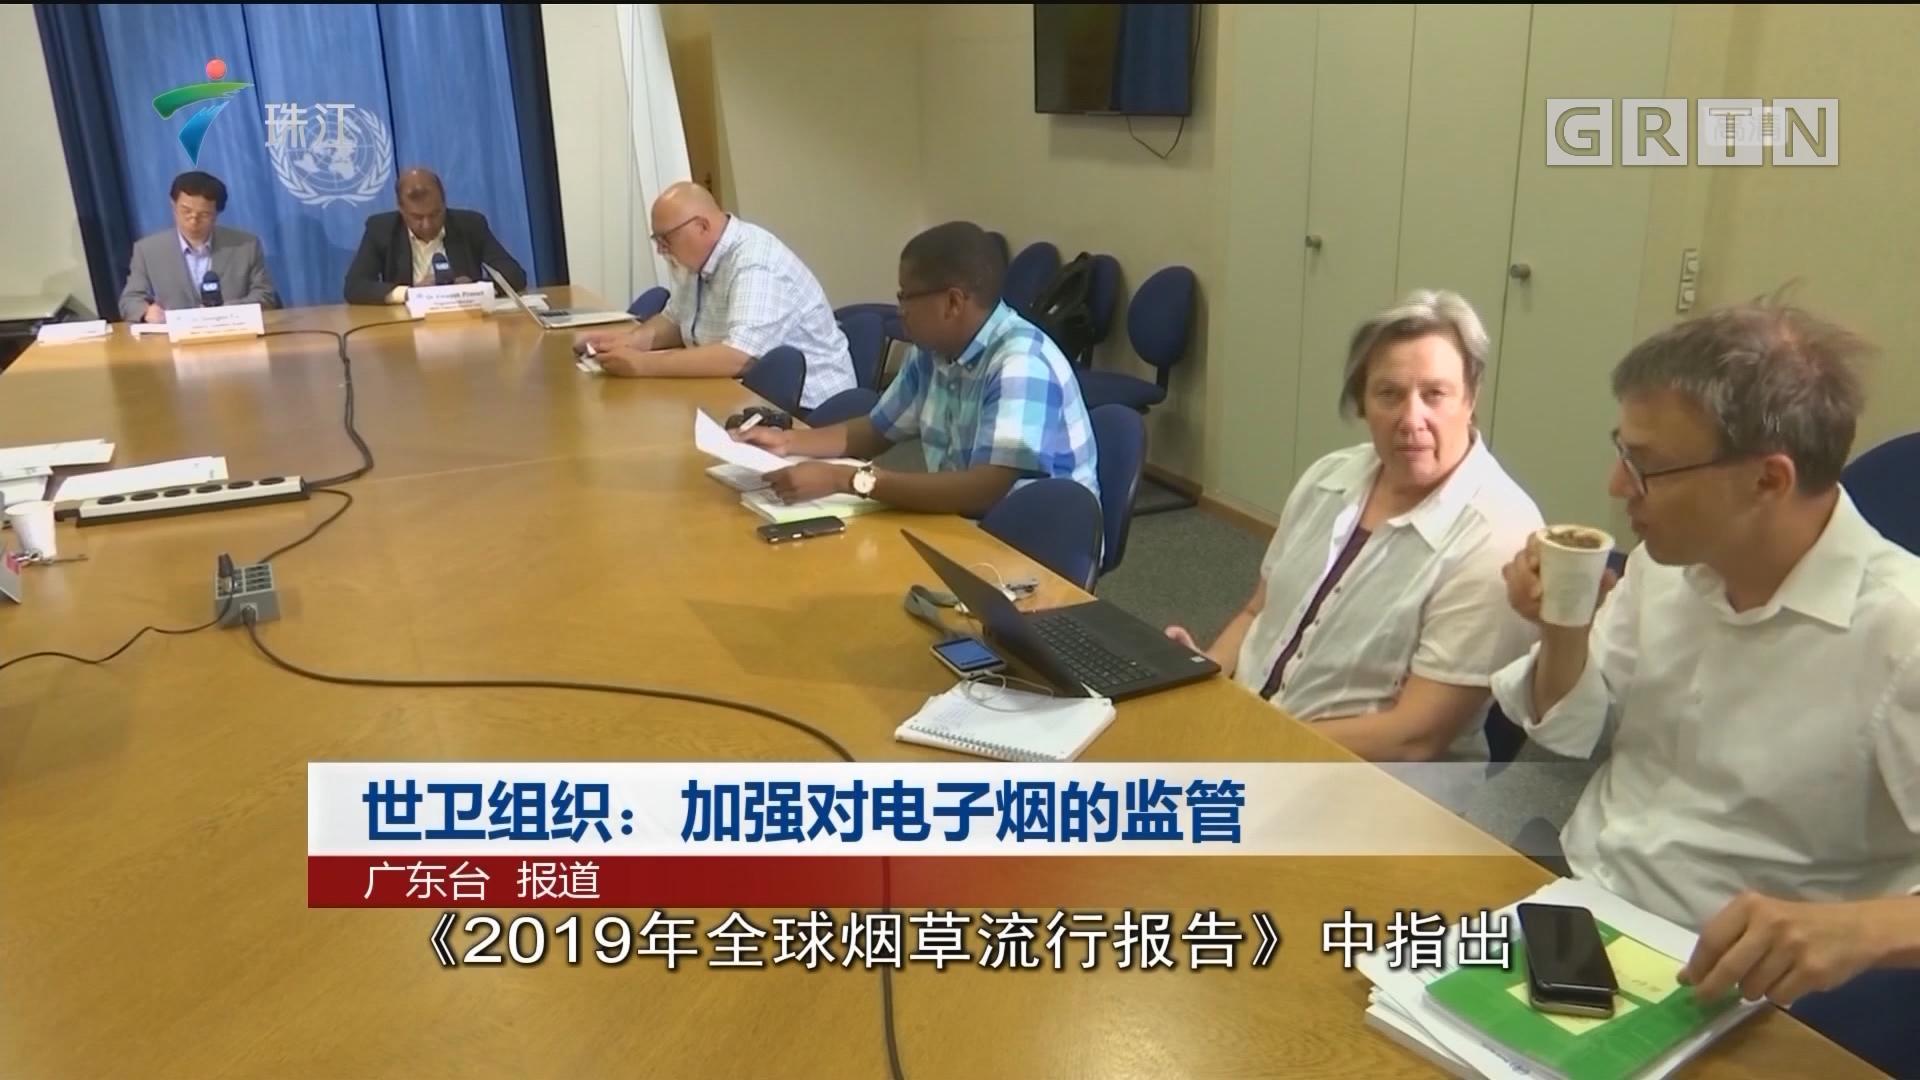 世卫组织:加强对电子烟的监管